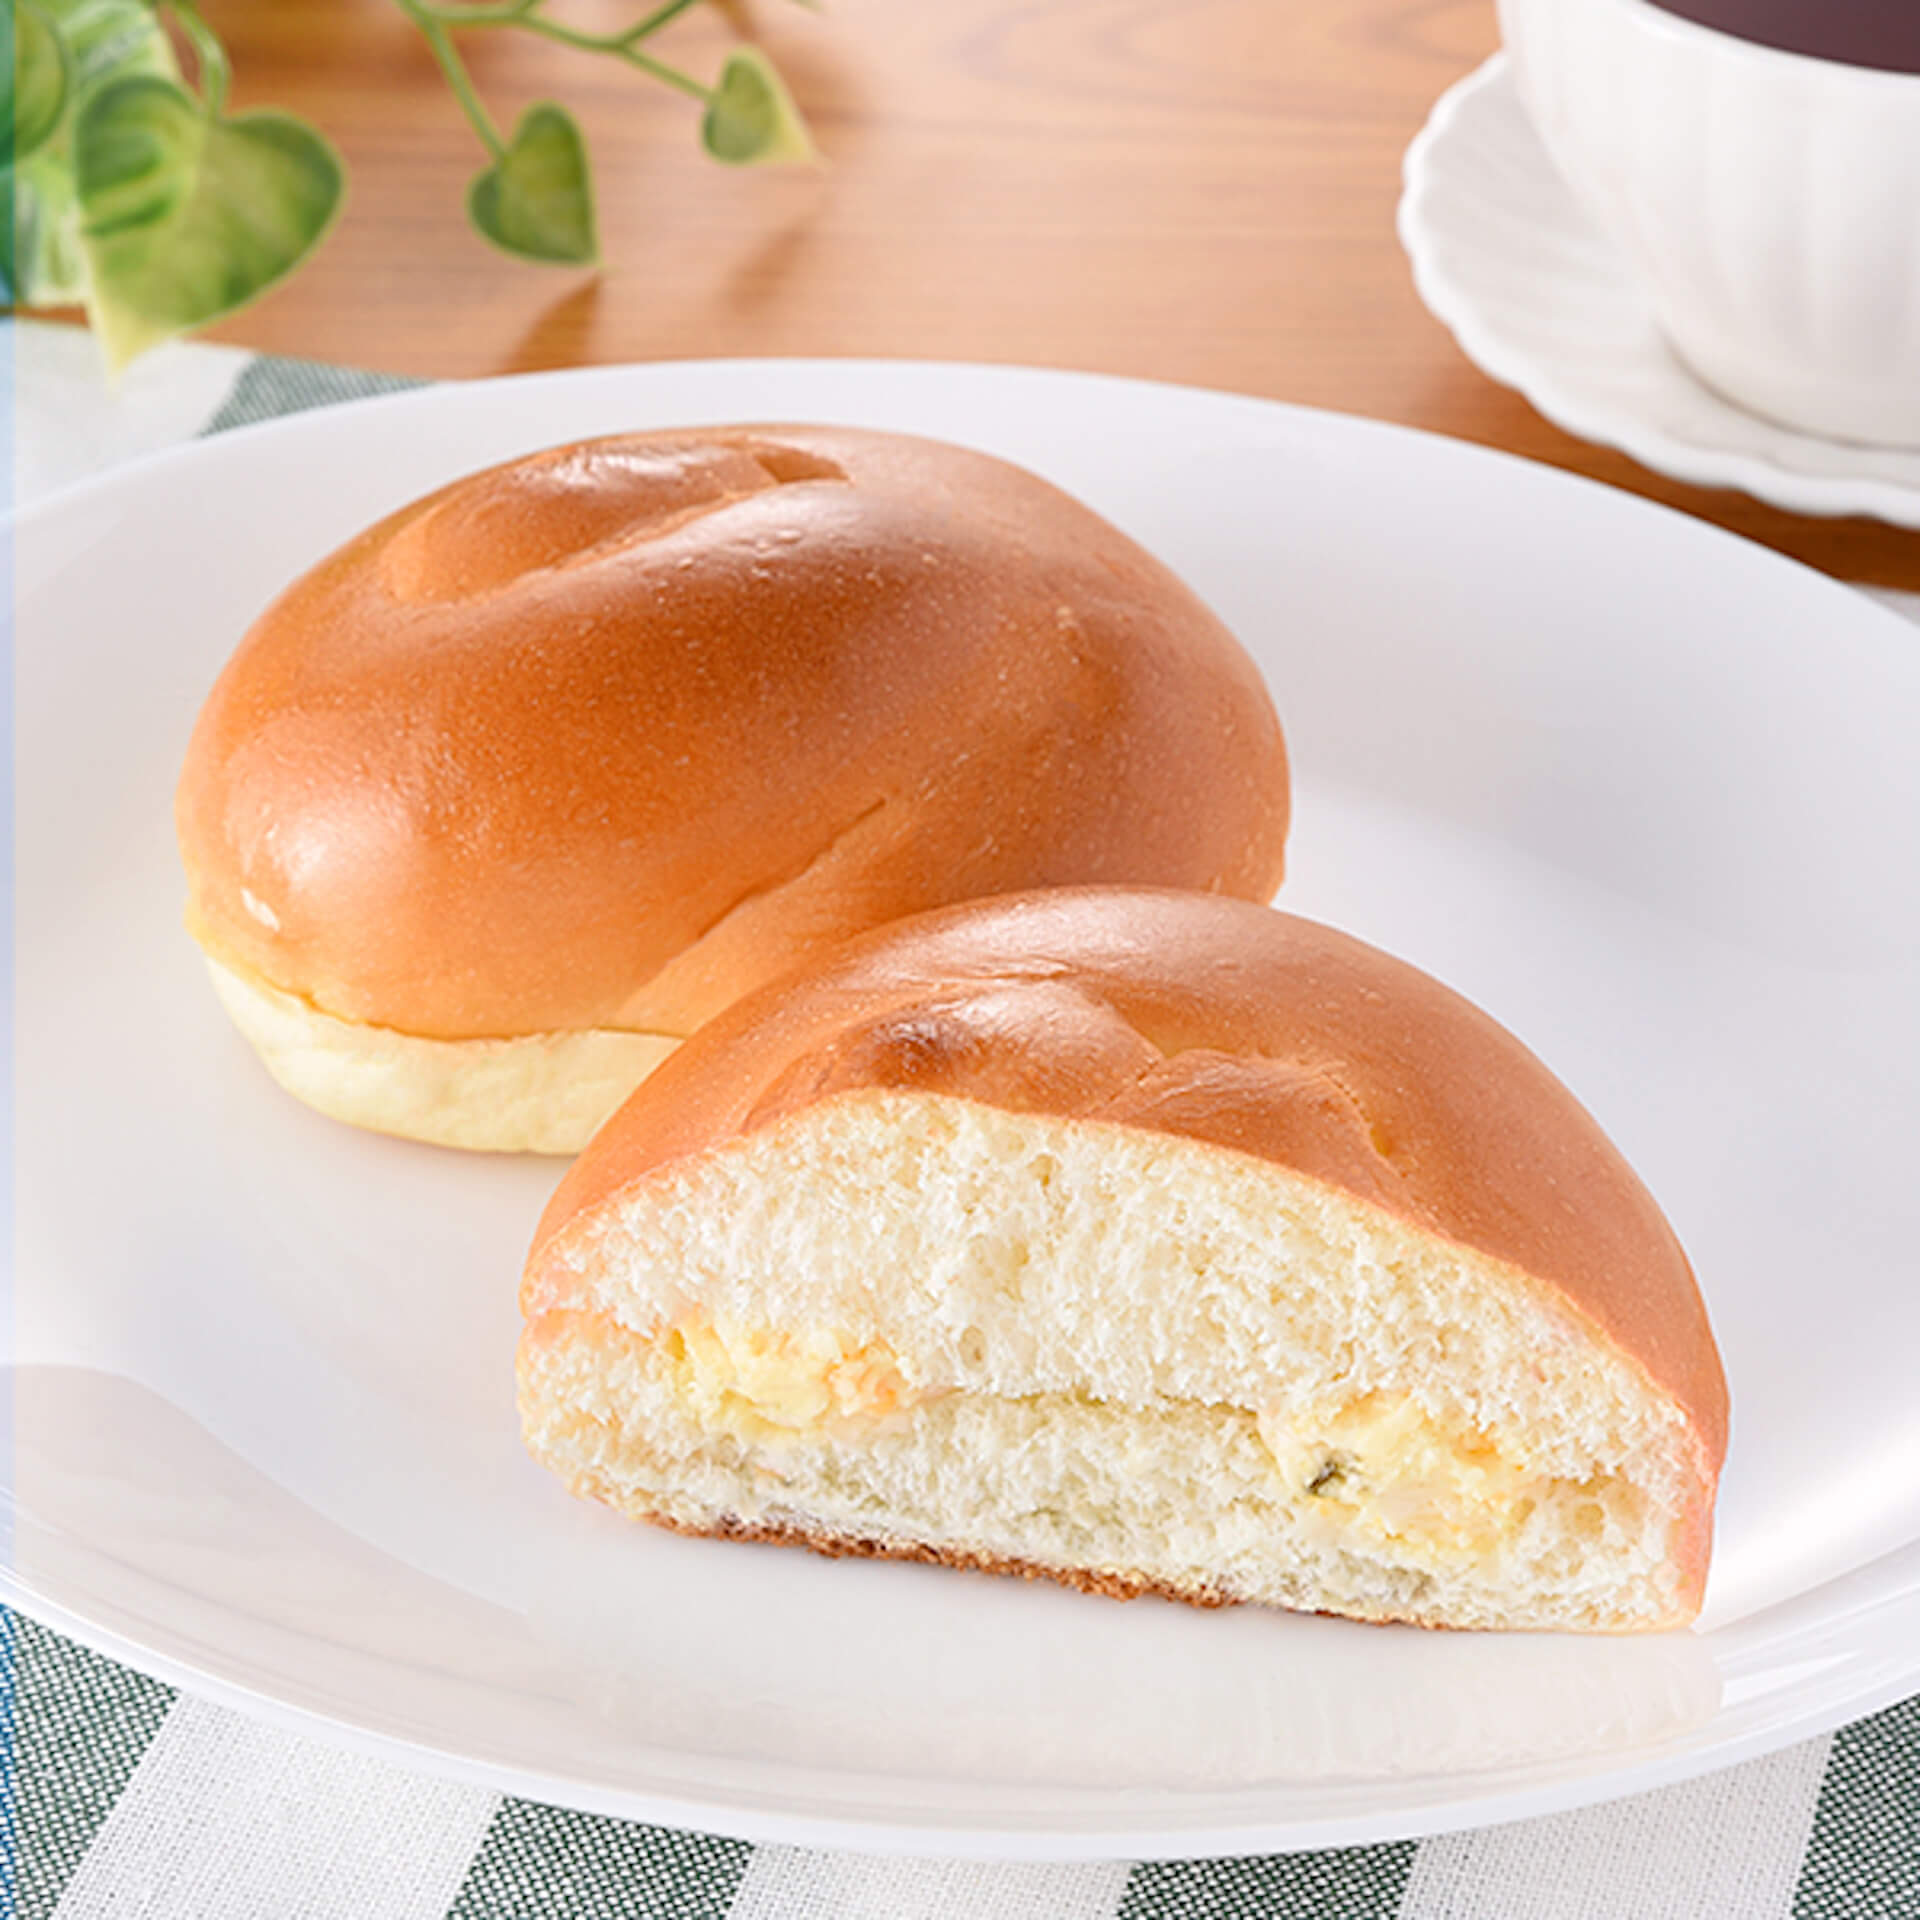 ファミマで大人気の「チーズインファミチキ」が美味しくなって復活!タルタルソース入りの「ふわふわファミチキバンズ」も発売決定 gourmet210510_familymart_chicken_6